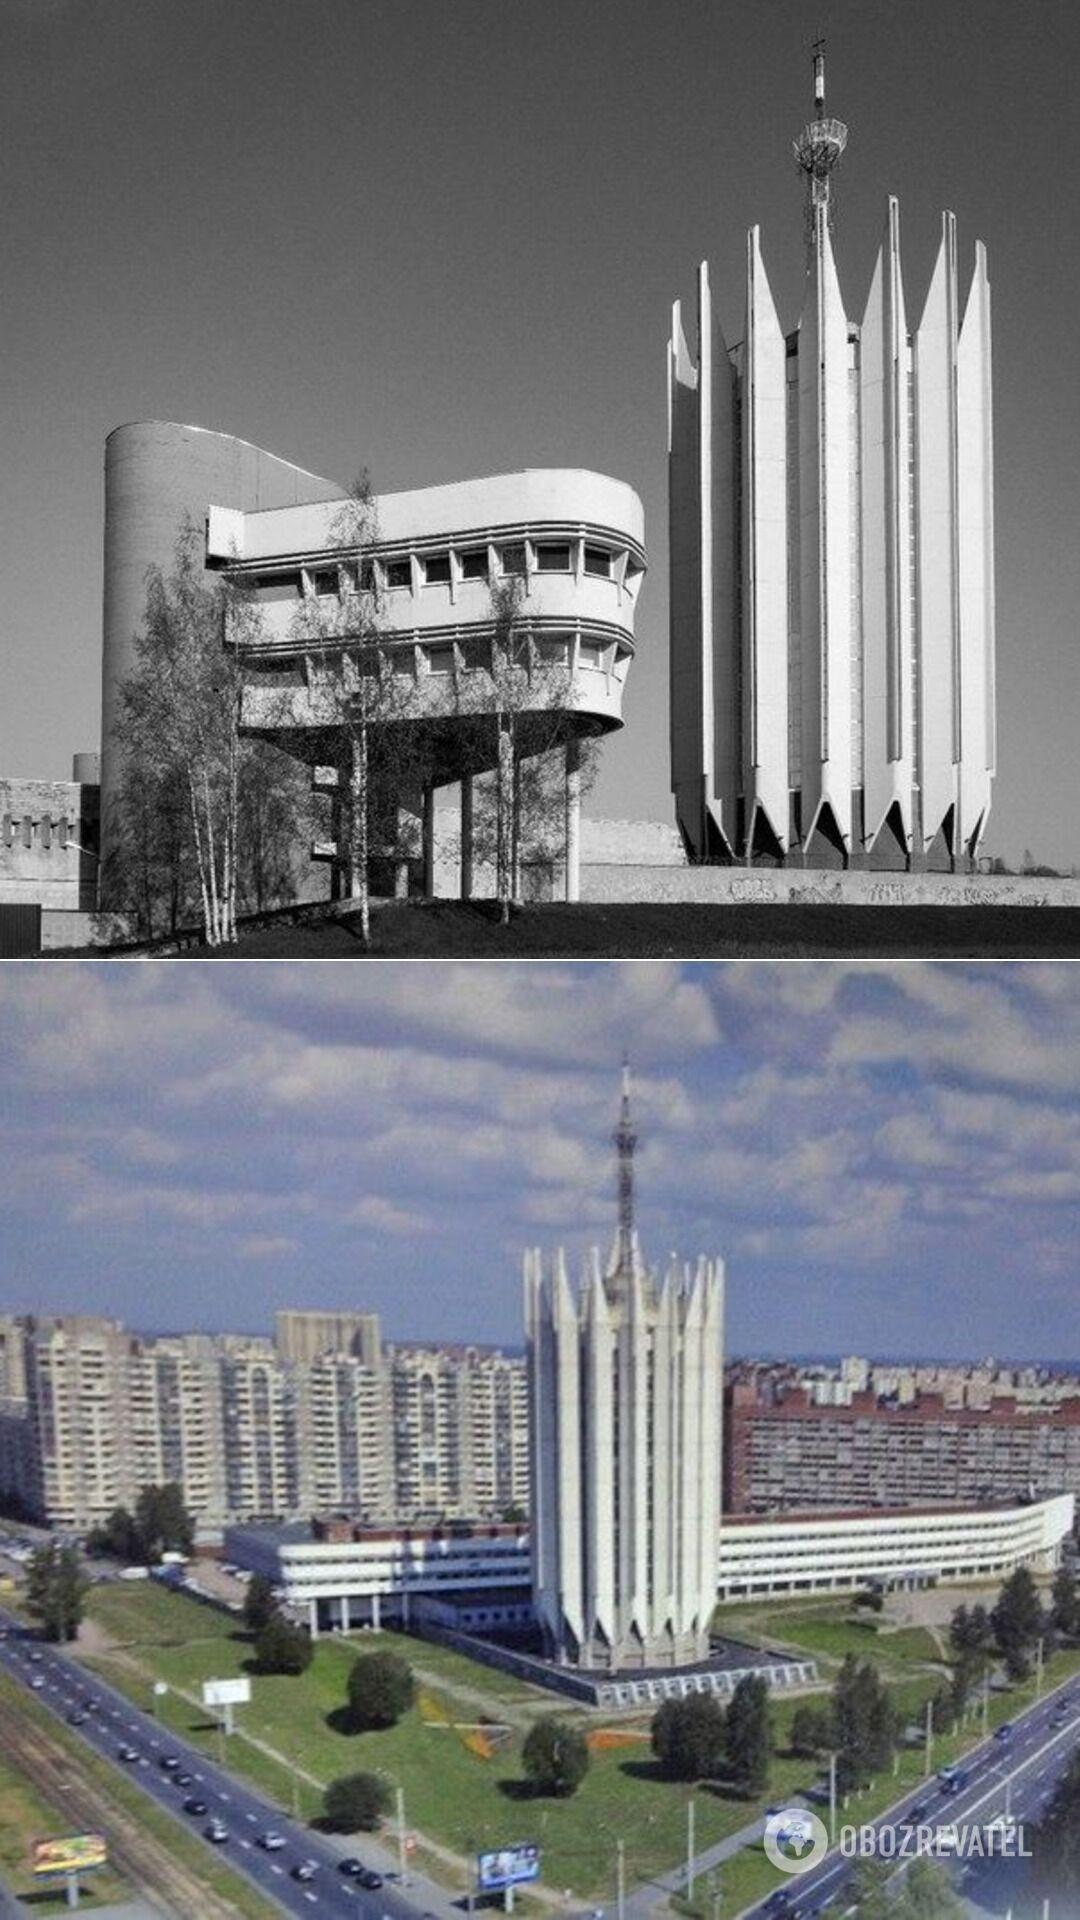 Центральный НИИ робототехники и технической кибернетики, Санкт-Петербург (РФ), 1973-1987 годы